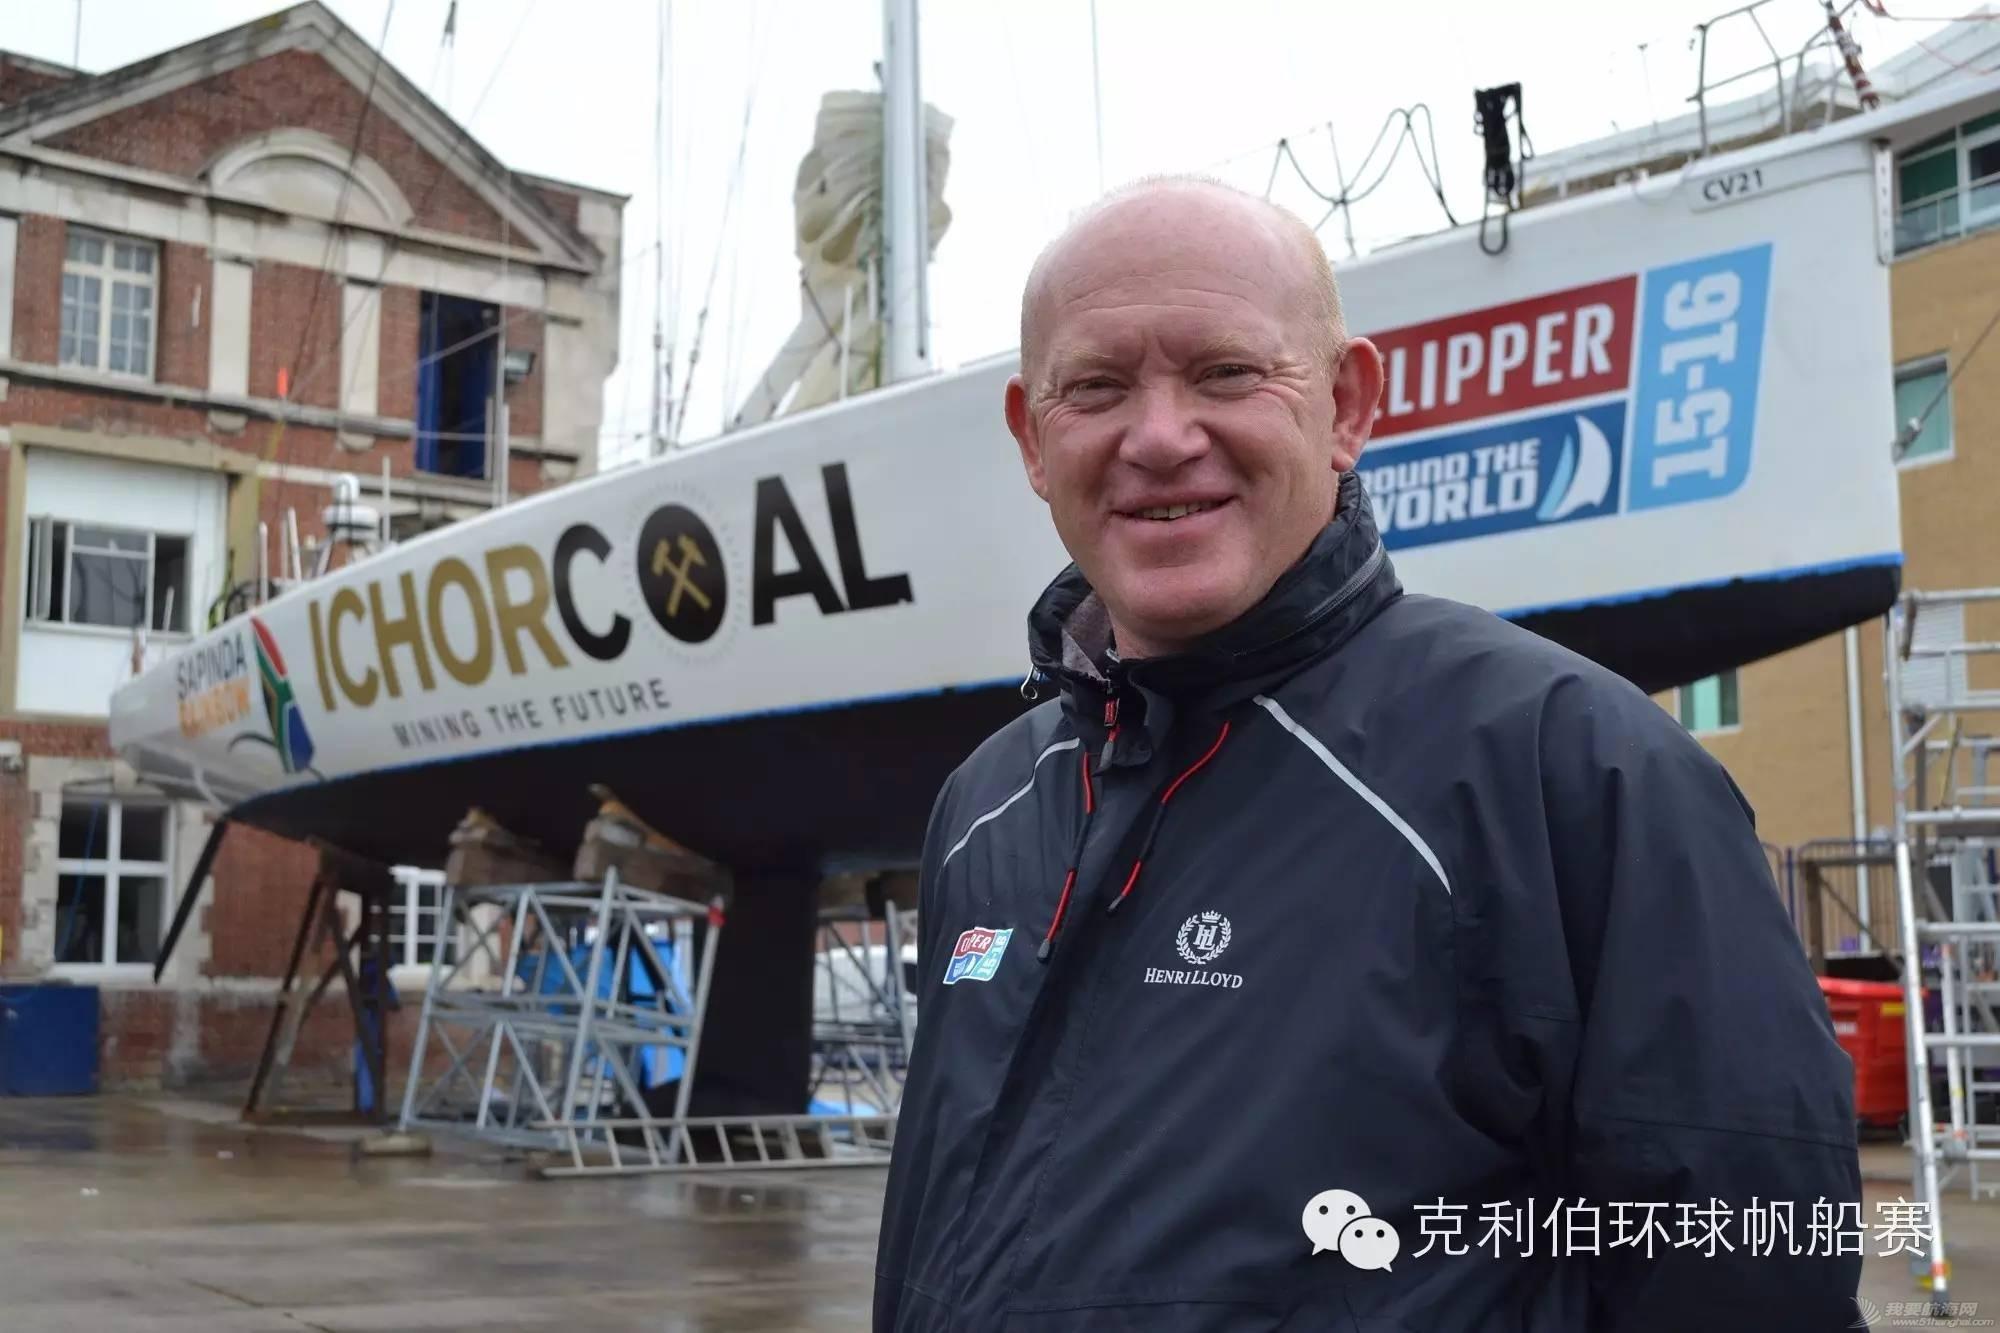 克利伯2015-16赛季环球帆船赛赛队介绍--ICHORCOAL矿业号 02a799a6aa252551a1d3702b70ffa21d.jpg